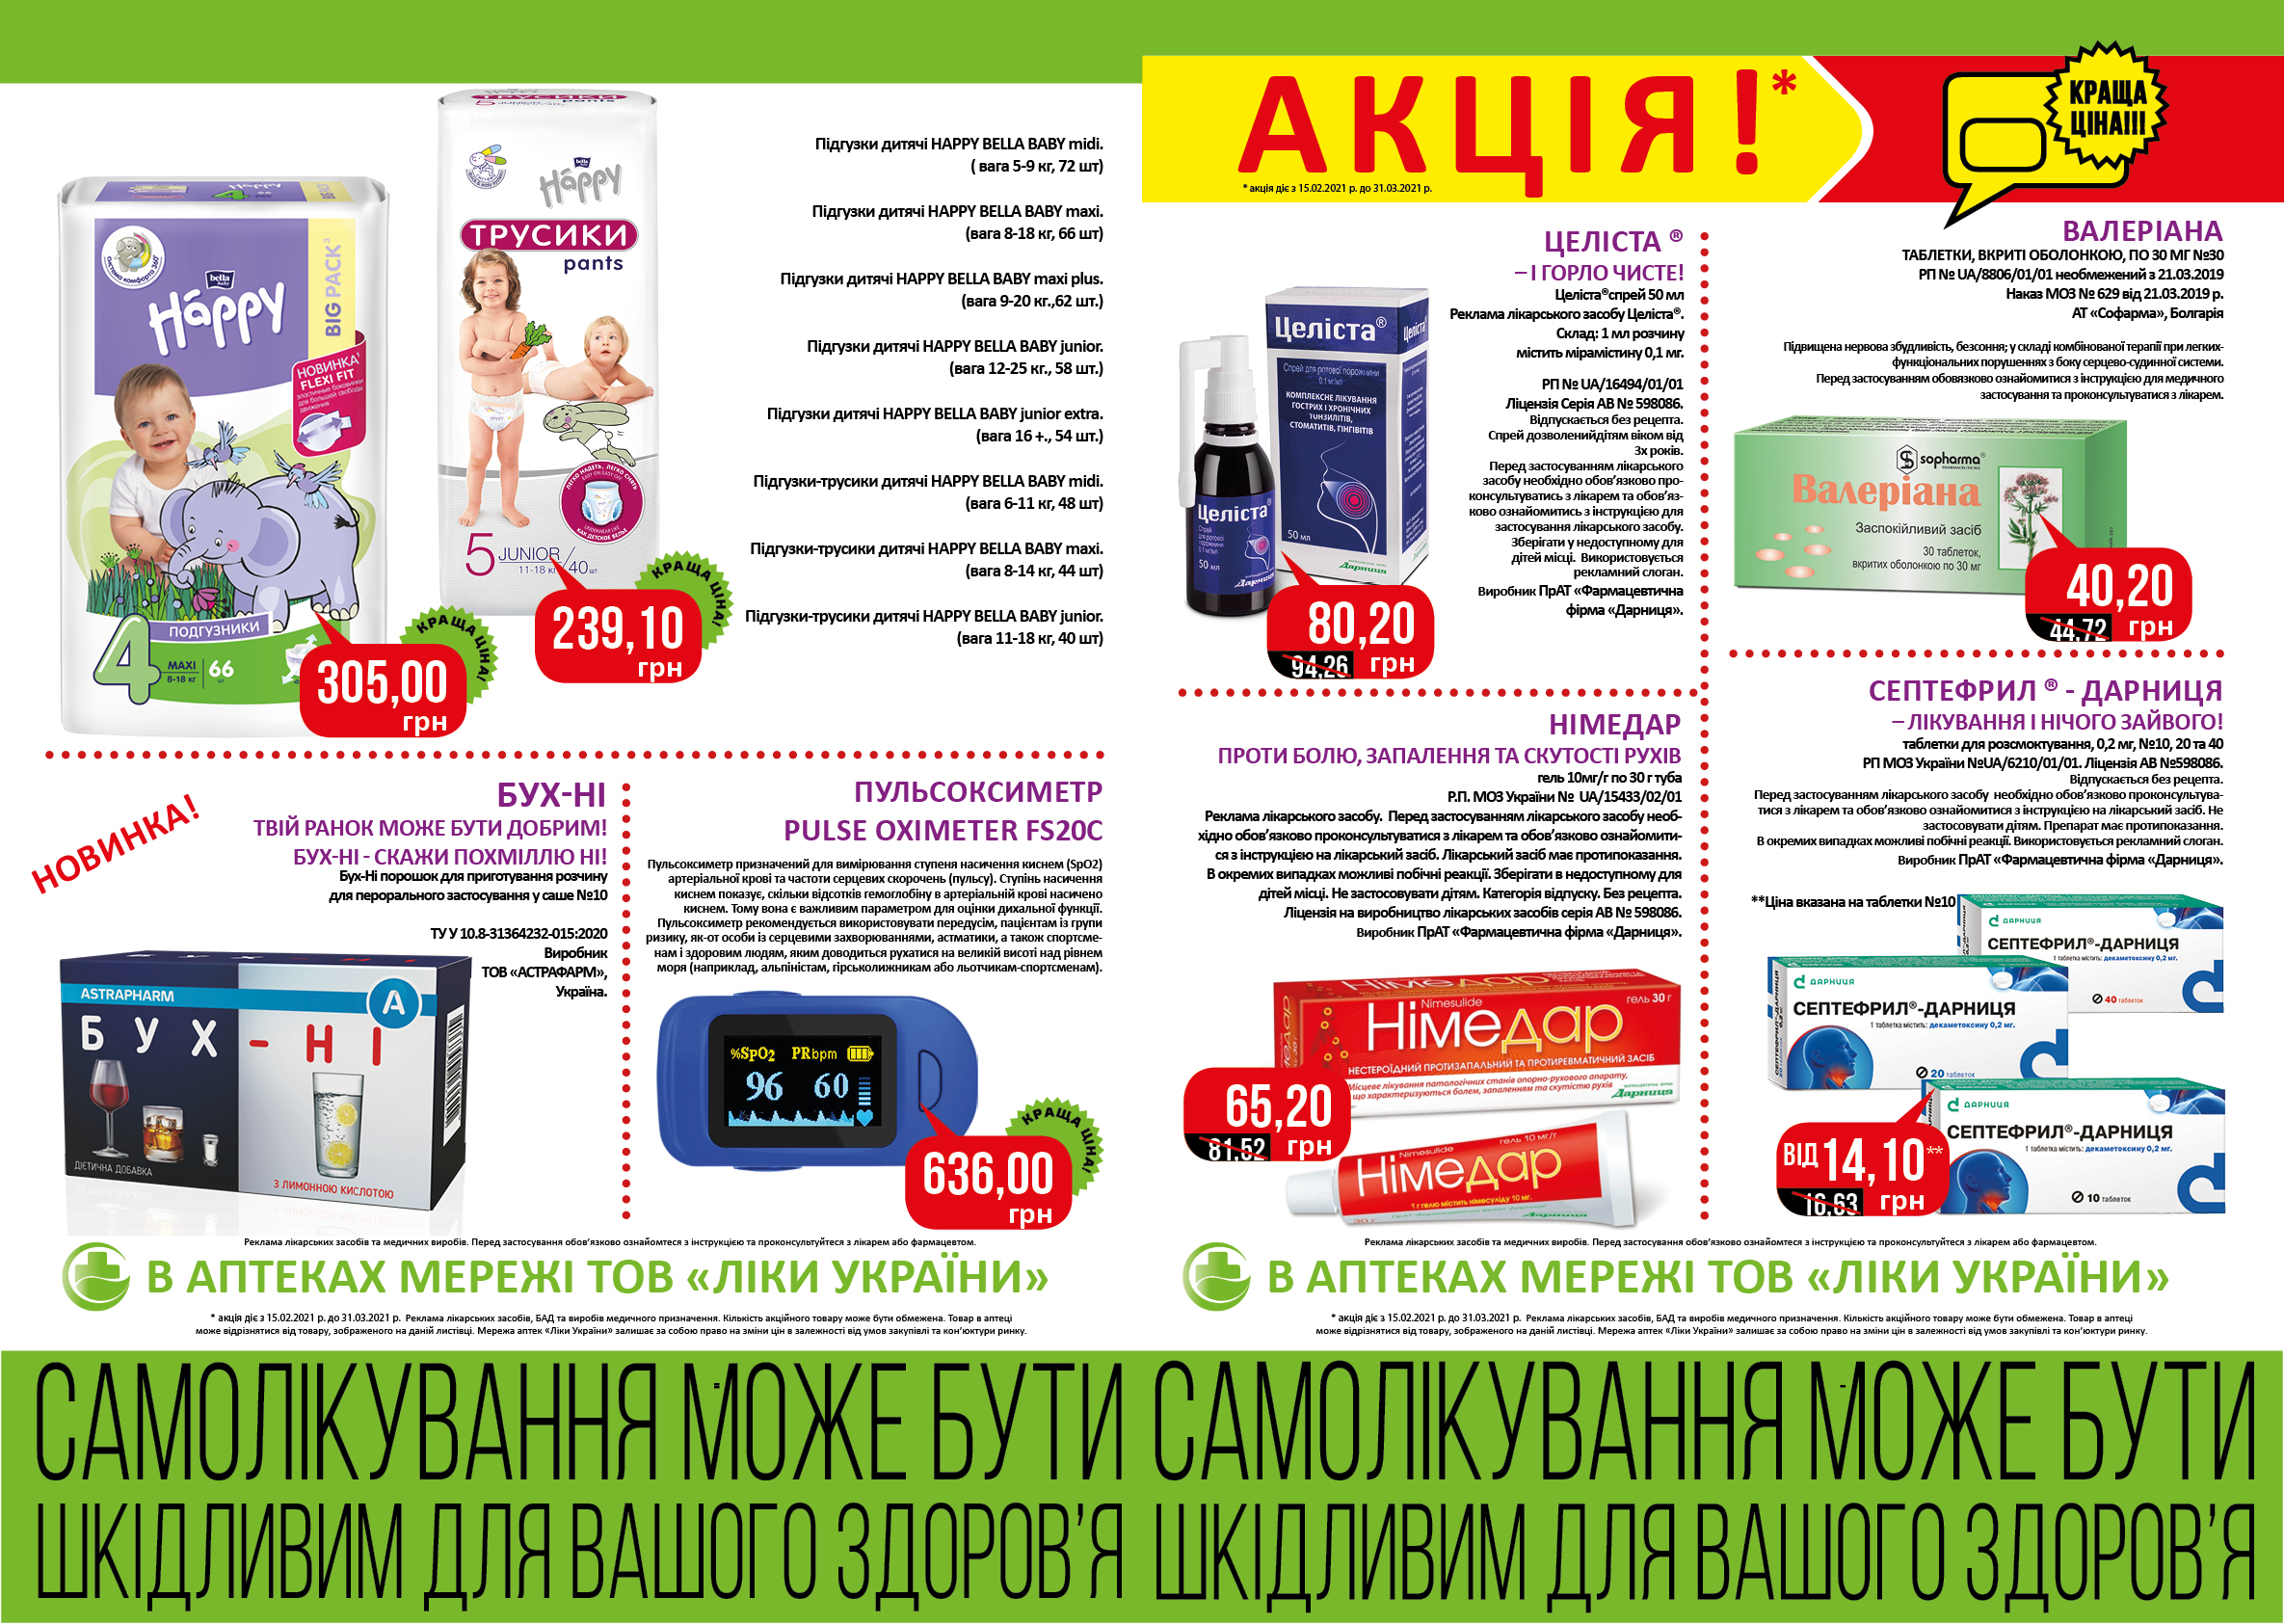 """В аптеках мережі ТОВ """"Ліки України"""" з 15.02 по 31.03 діє акція"""